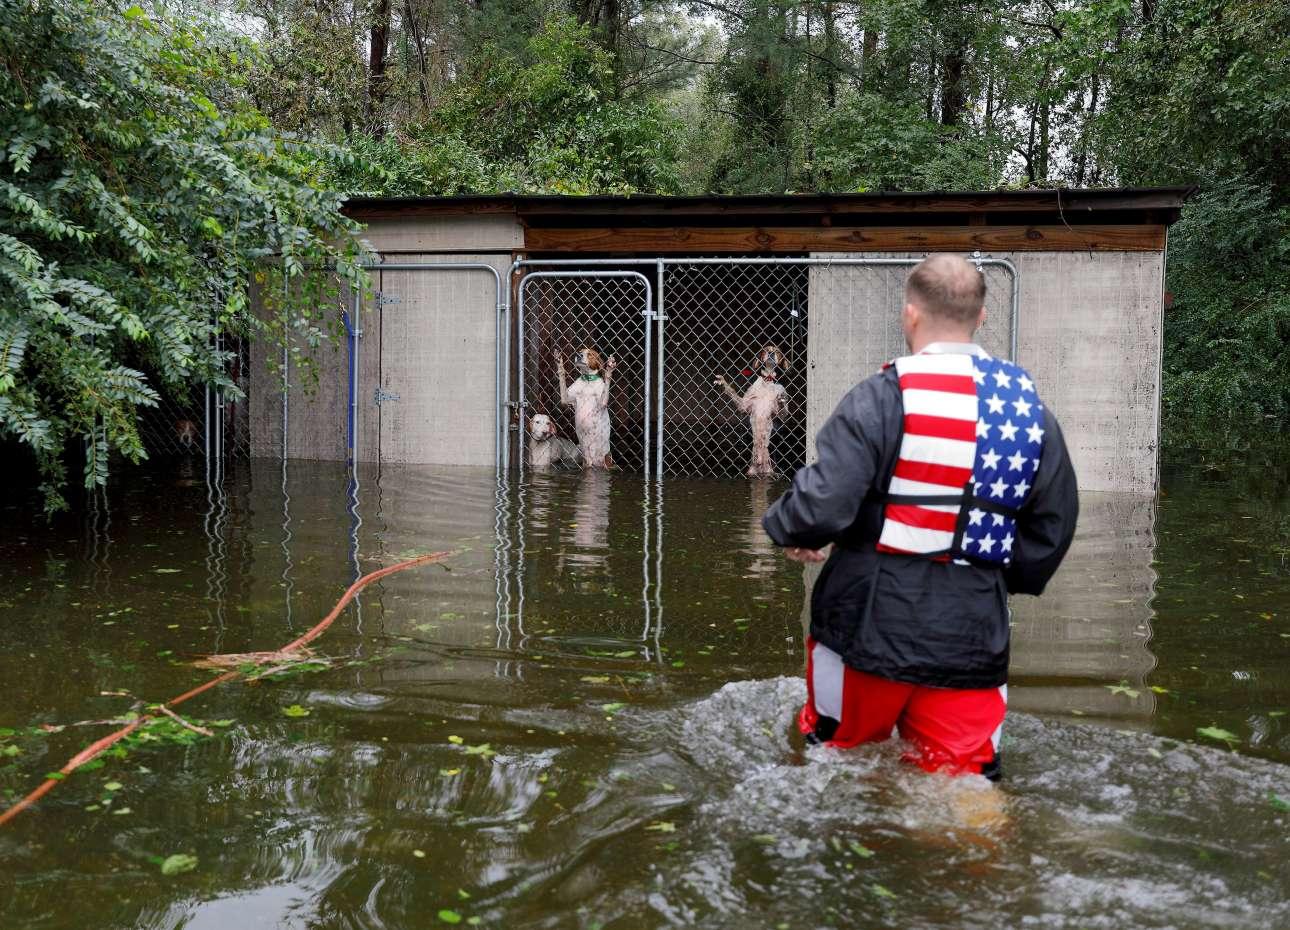 16 Σεπτεμβρίoυ. Εθελοντής διασώστης πηγαίνει να απεγκλωβίσει φοβισμένα σκυλιά που τα παράτησε ο ιδιοκτήτης τους προσπαθώντας να ξεφύγει από τον τυφώνα Φλόρενς, στη Βόρεια Καρολίνα των ΗΠΑ